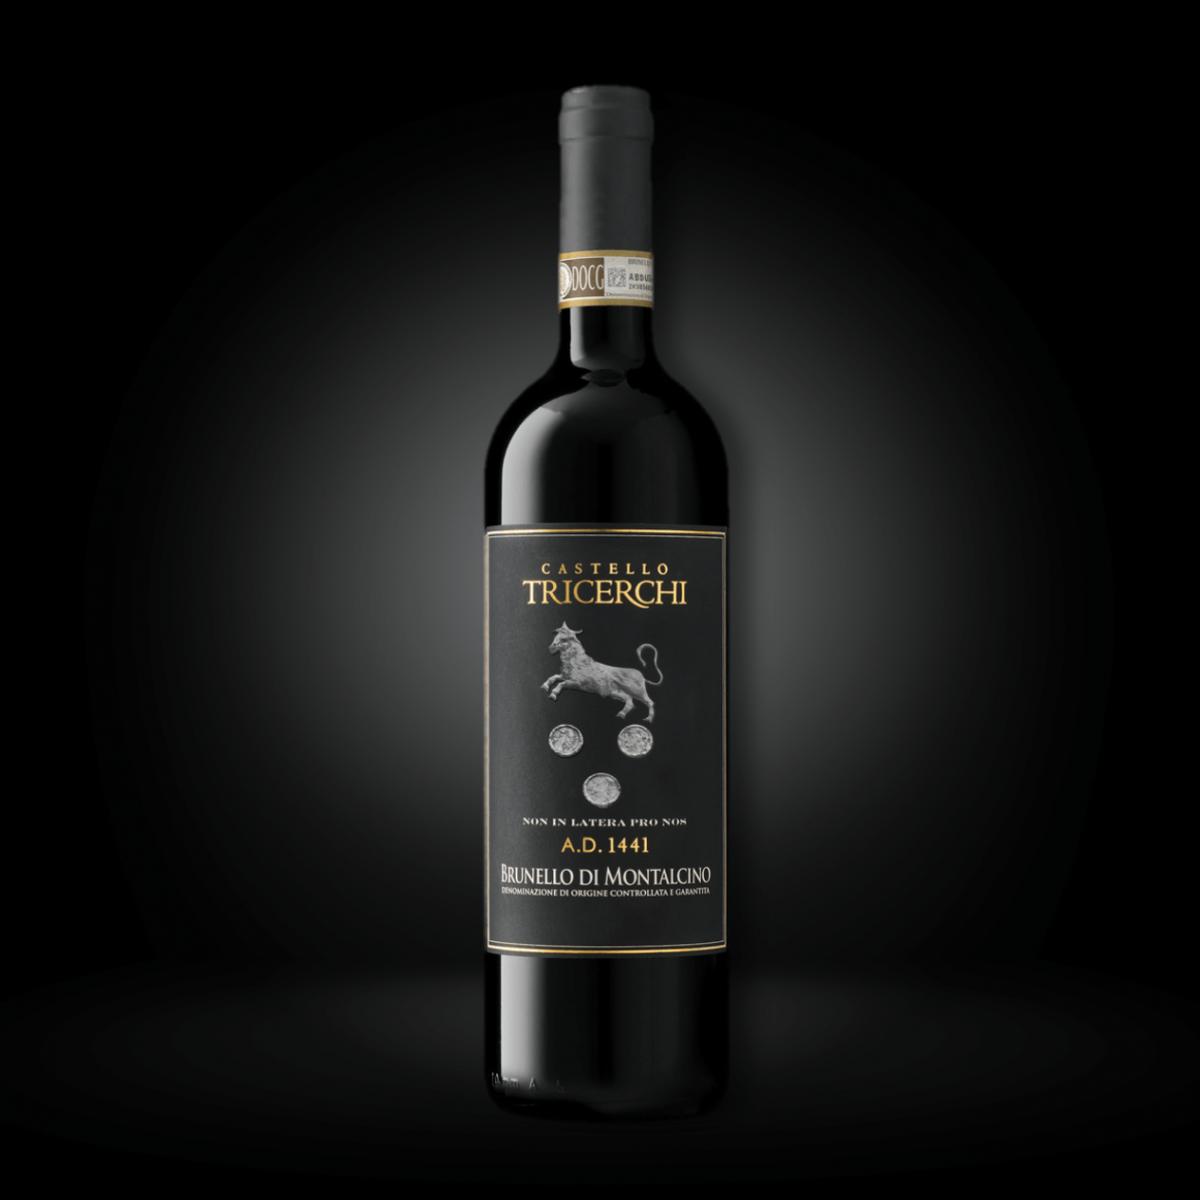 Brunello di Montalcino A.D. 1441 DOCG 2015